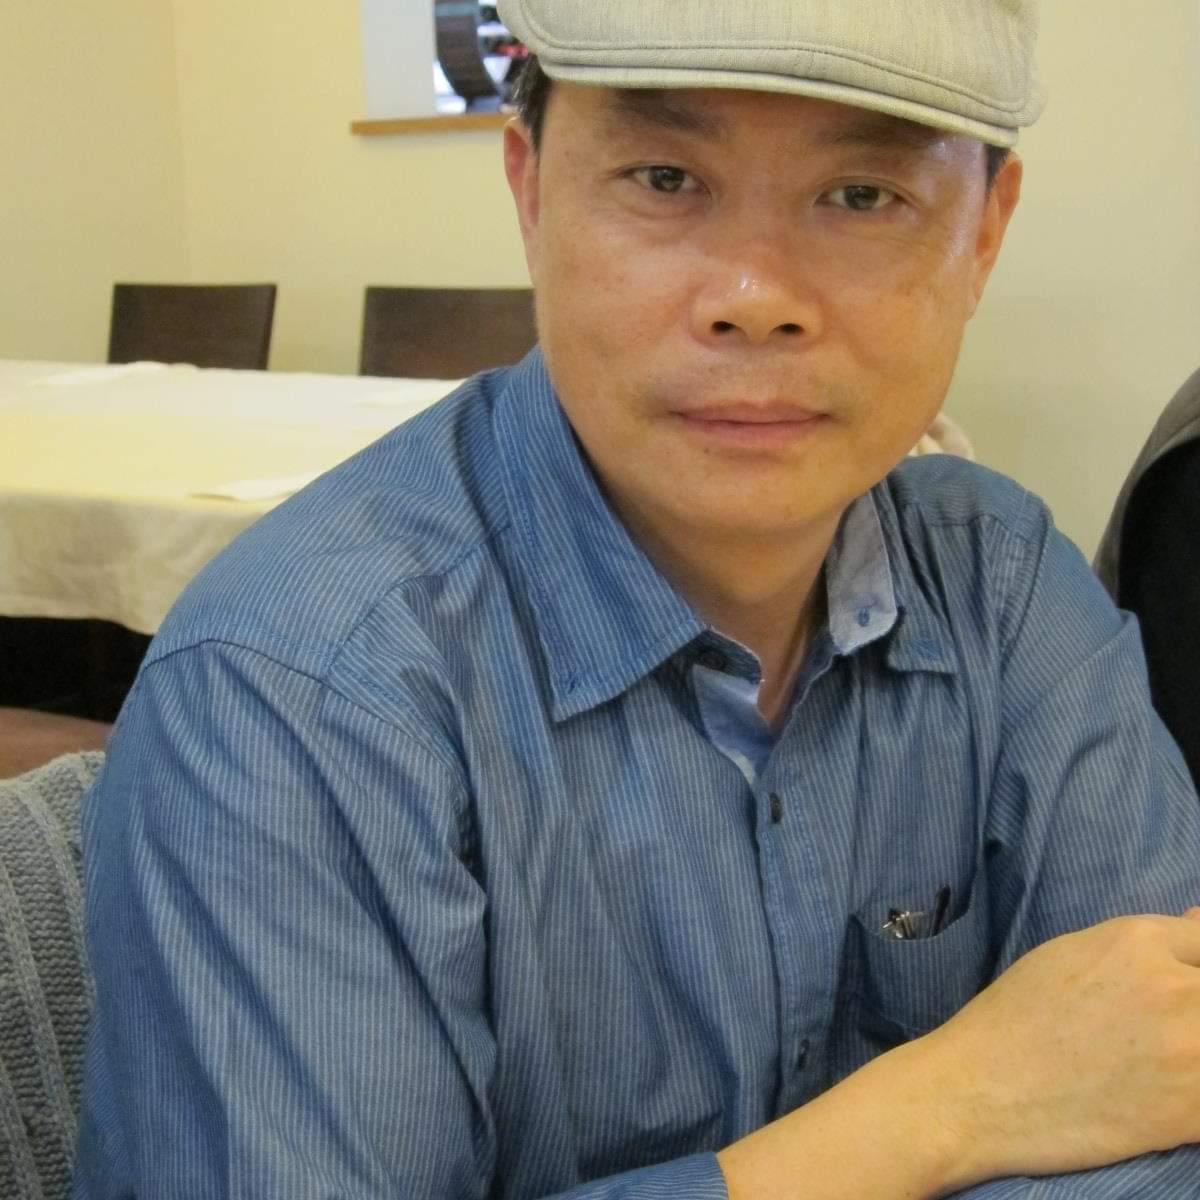 新北市調查處資安科長林政賢偵辦一銀盜領案建功,調升鳳山站主任。圖/讀者提供